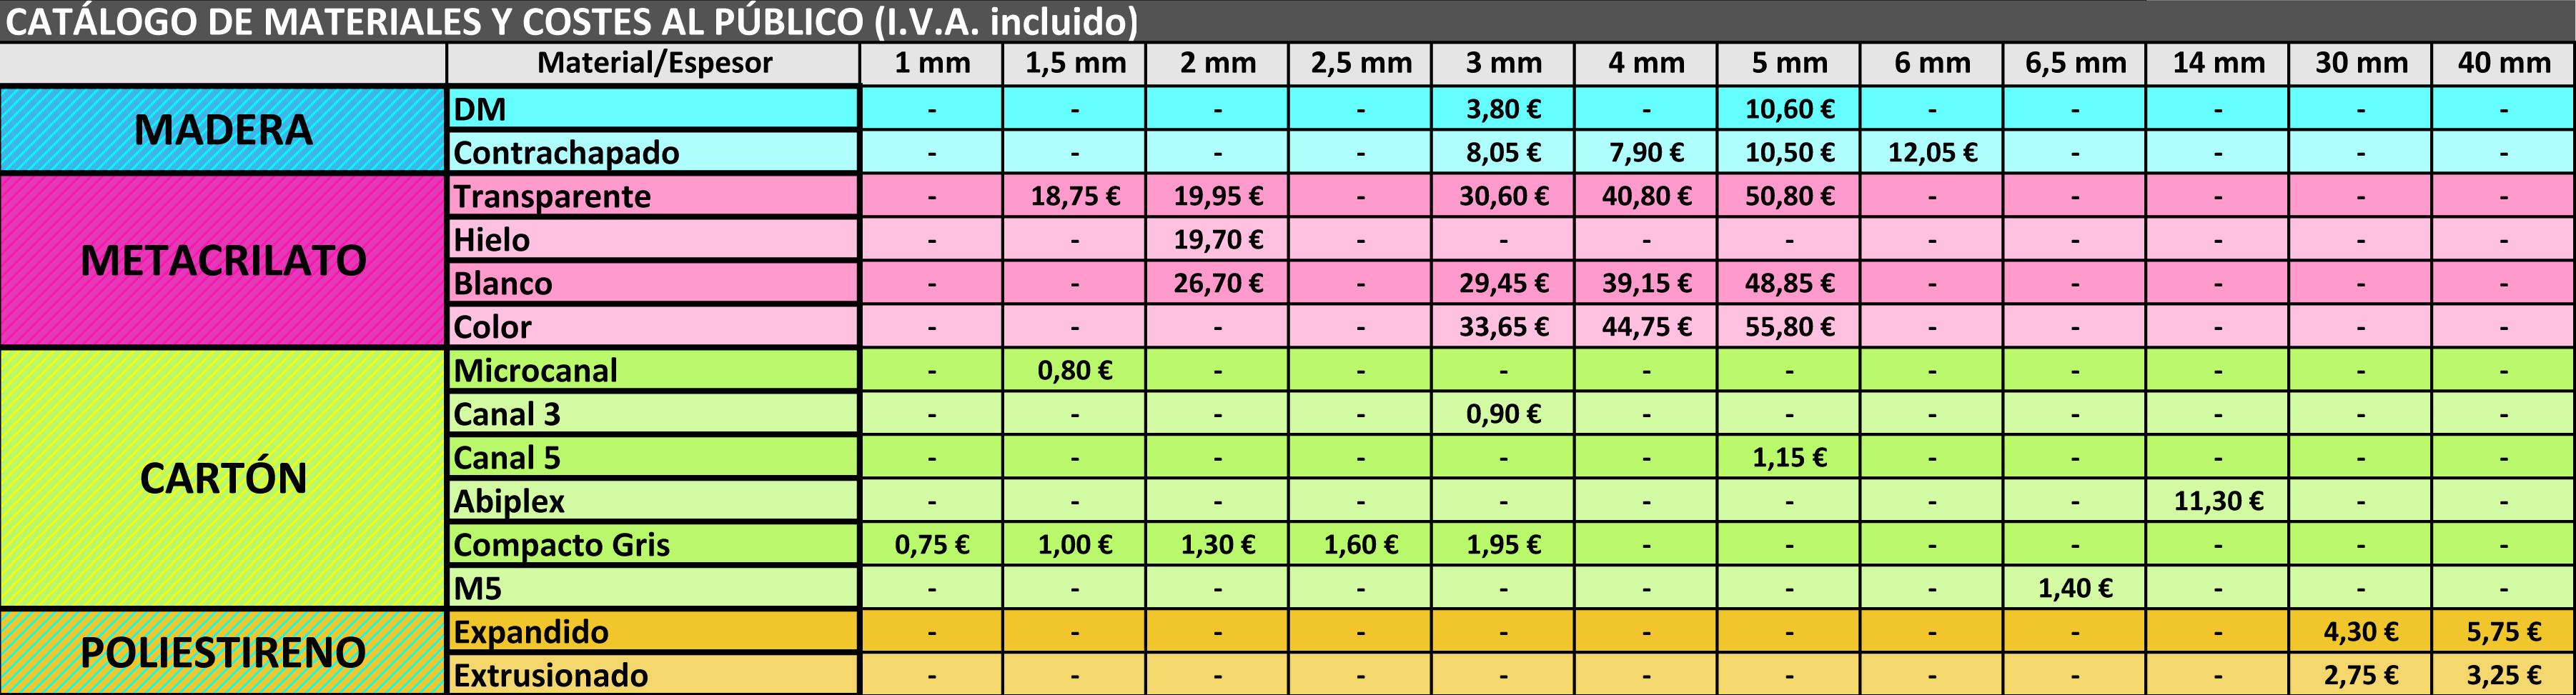 Precios y materiales disponibles por características: Madera, Metacrilato, Cartón y Poliestireno.